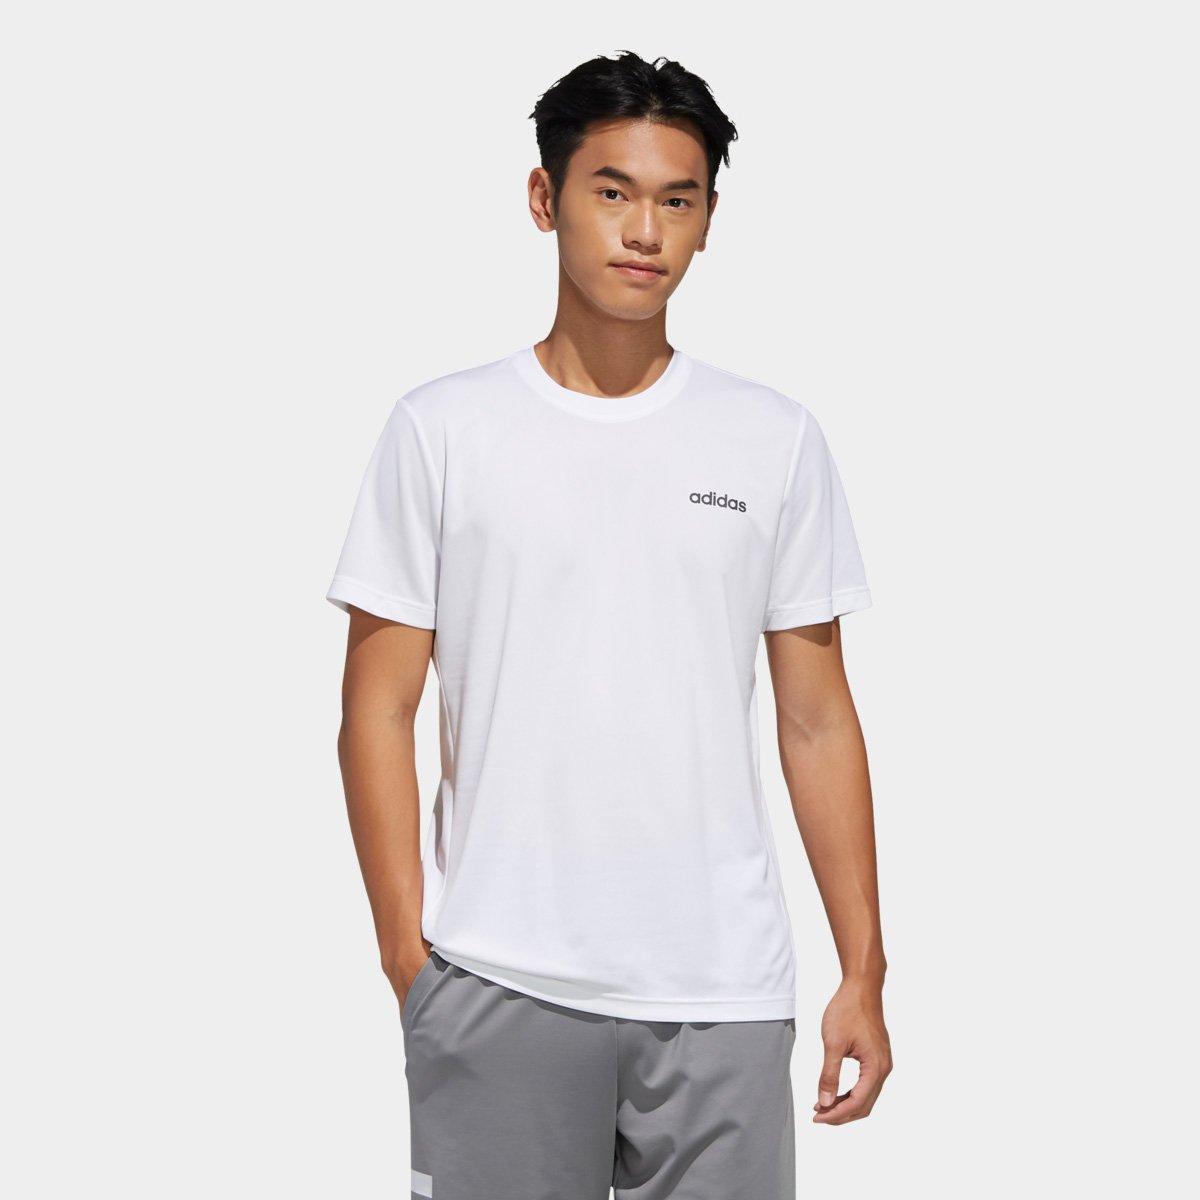 Camiseta Adidas Masculina D2m Plain Branca c/ Logo Preta